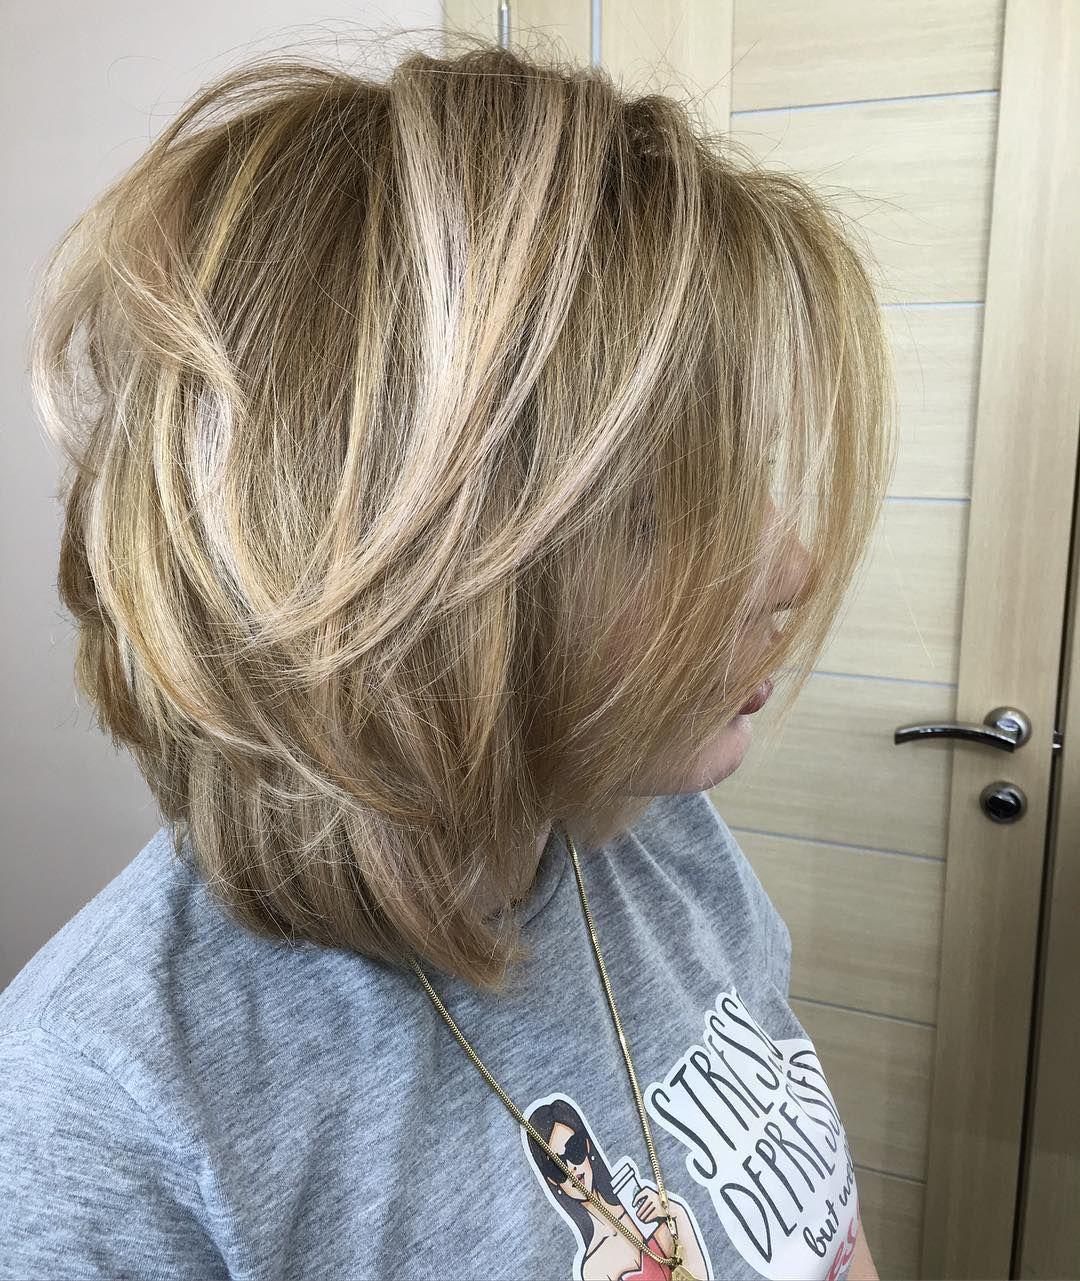 pinbreanna thompson on hair | pinterest | haar ideen